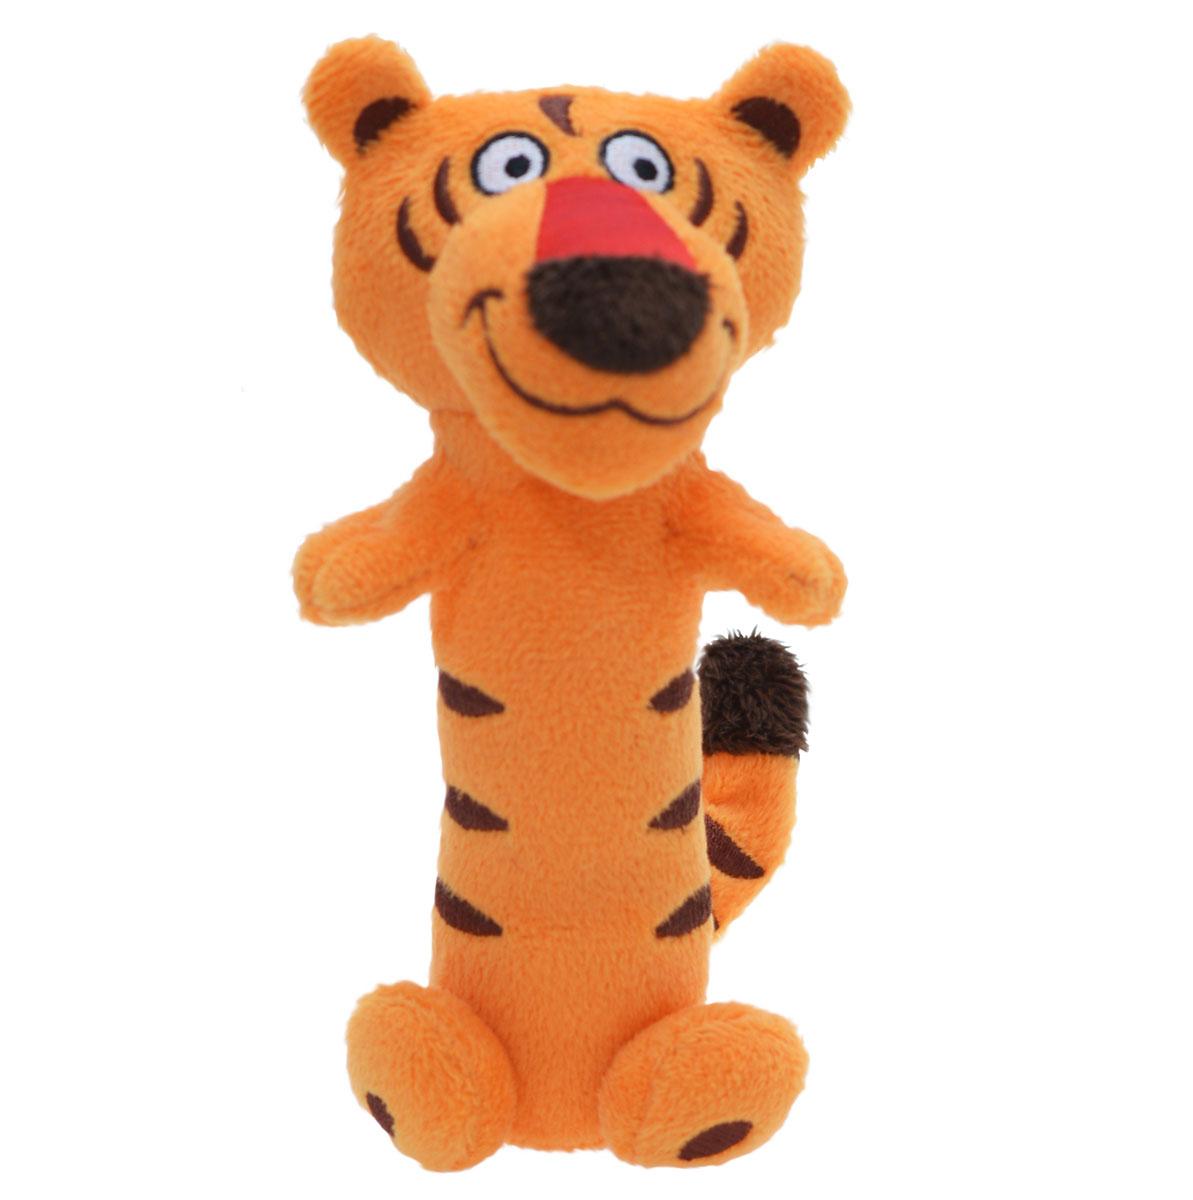 WeeWise Погремушка Тигр40111_тигрПогремушка WeeWise Тигр привлечет внимание малыша и не позволит ему скучать. Погремушка выполнена из высококачественных гипоаллергенных материалов: полиэфирный текстиль и мягкий наполнитель, что делает ее абсолютно безопасной в игре. Игрушка состоит из головы тигра и длинной округлой ножки-держателя с хвостом и лапками. При потряхивании игрушки раздается негромкий звук. Погремушка способствует развитию мышления, координации движений, звукового и цветового восприятия, тактильных ощущений, совершенствует моторику ручек малыша.